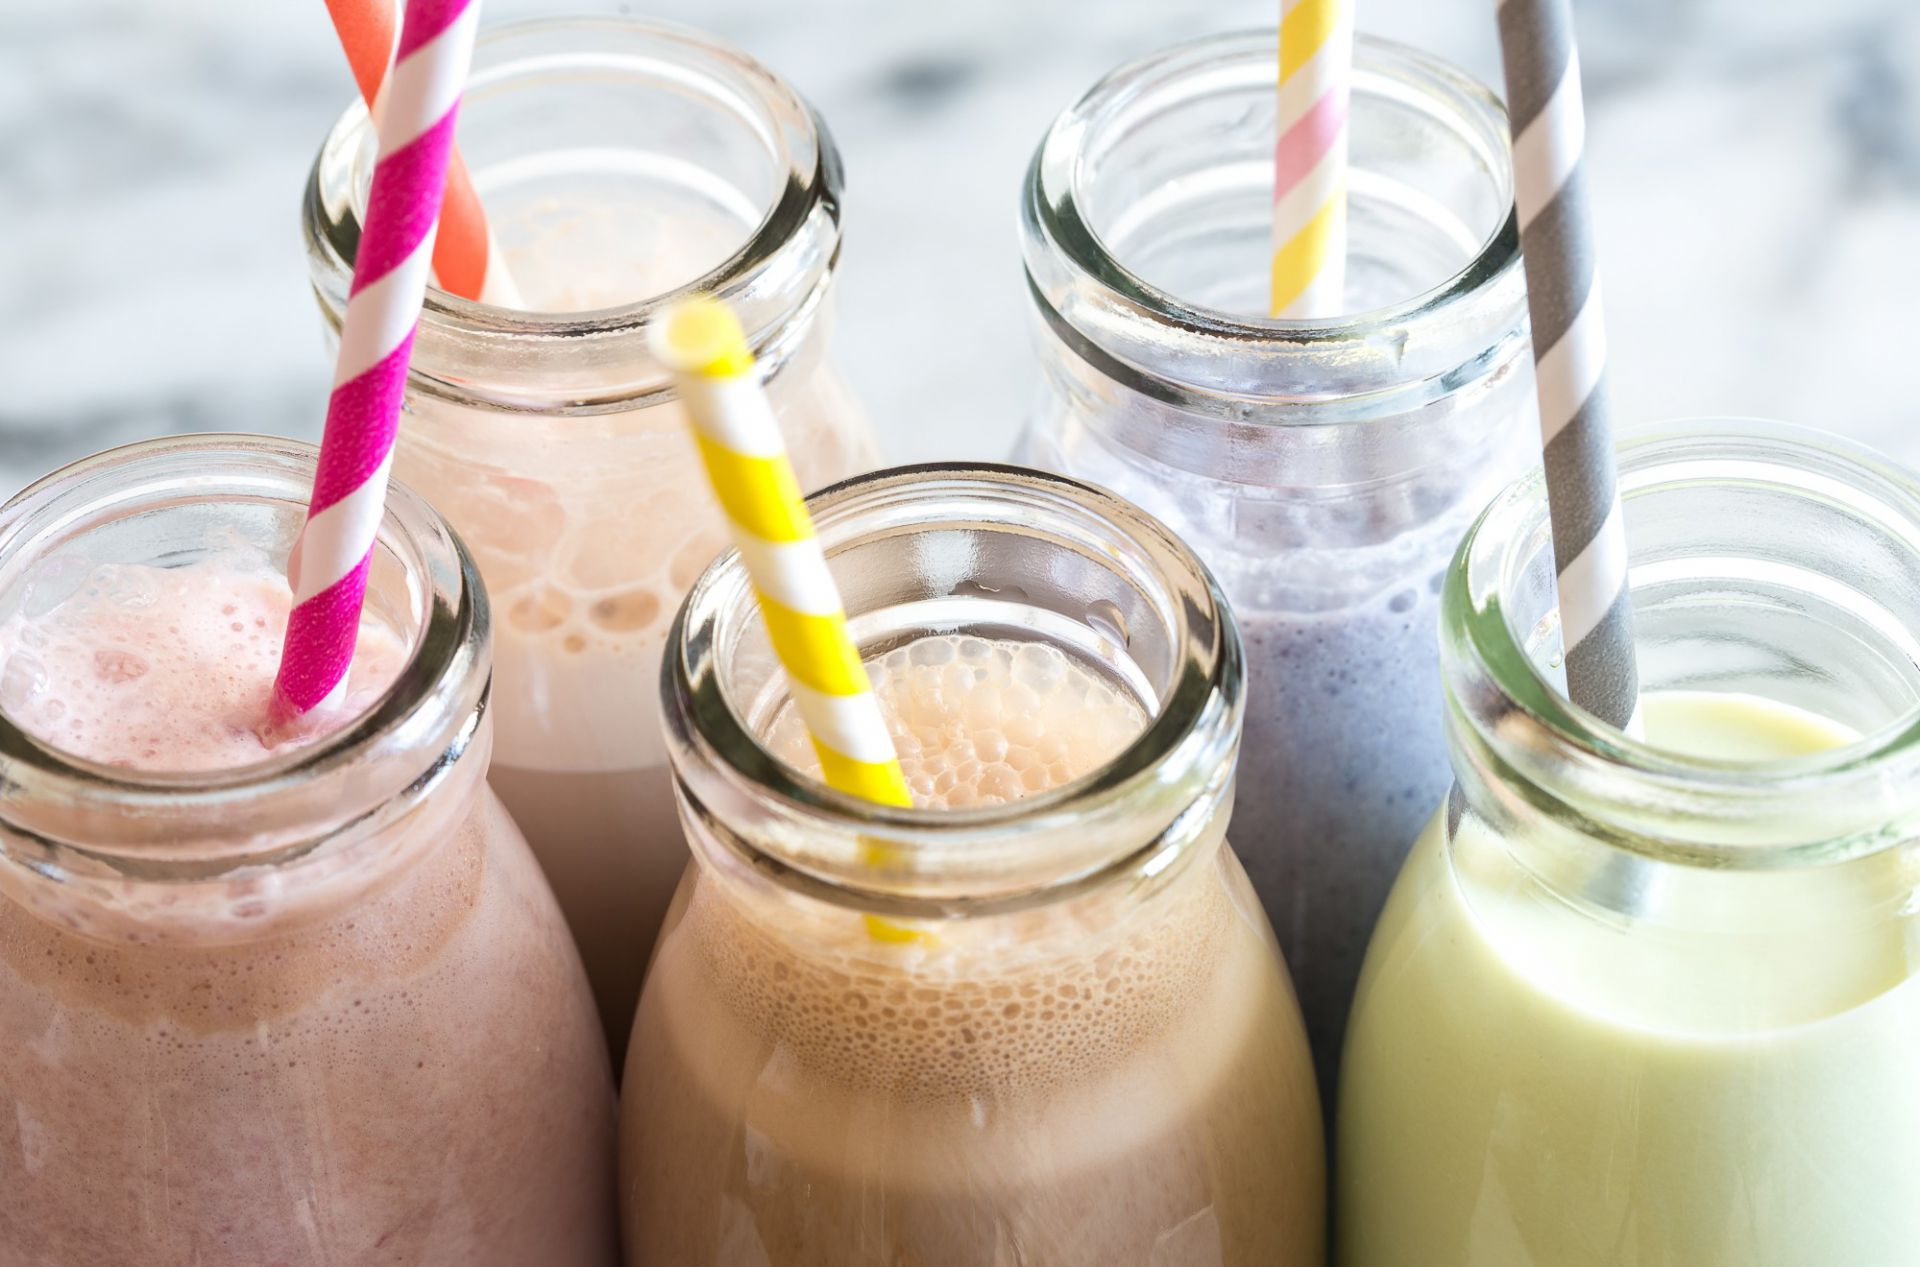 Apakah Susu Varian Rasa Berbeda dengan Susu UHT Murni?